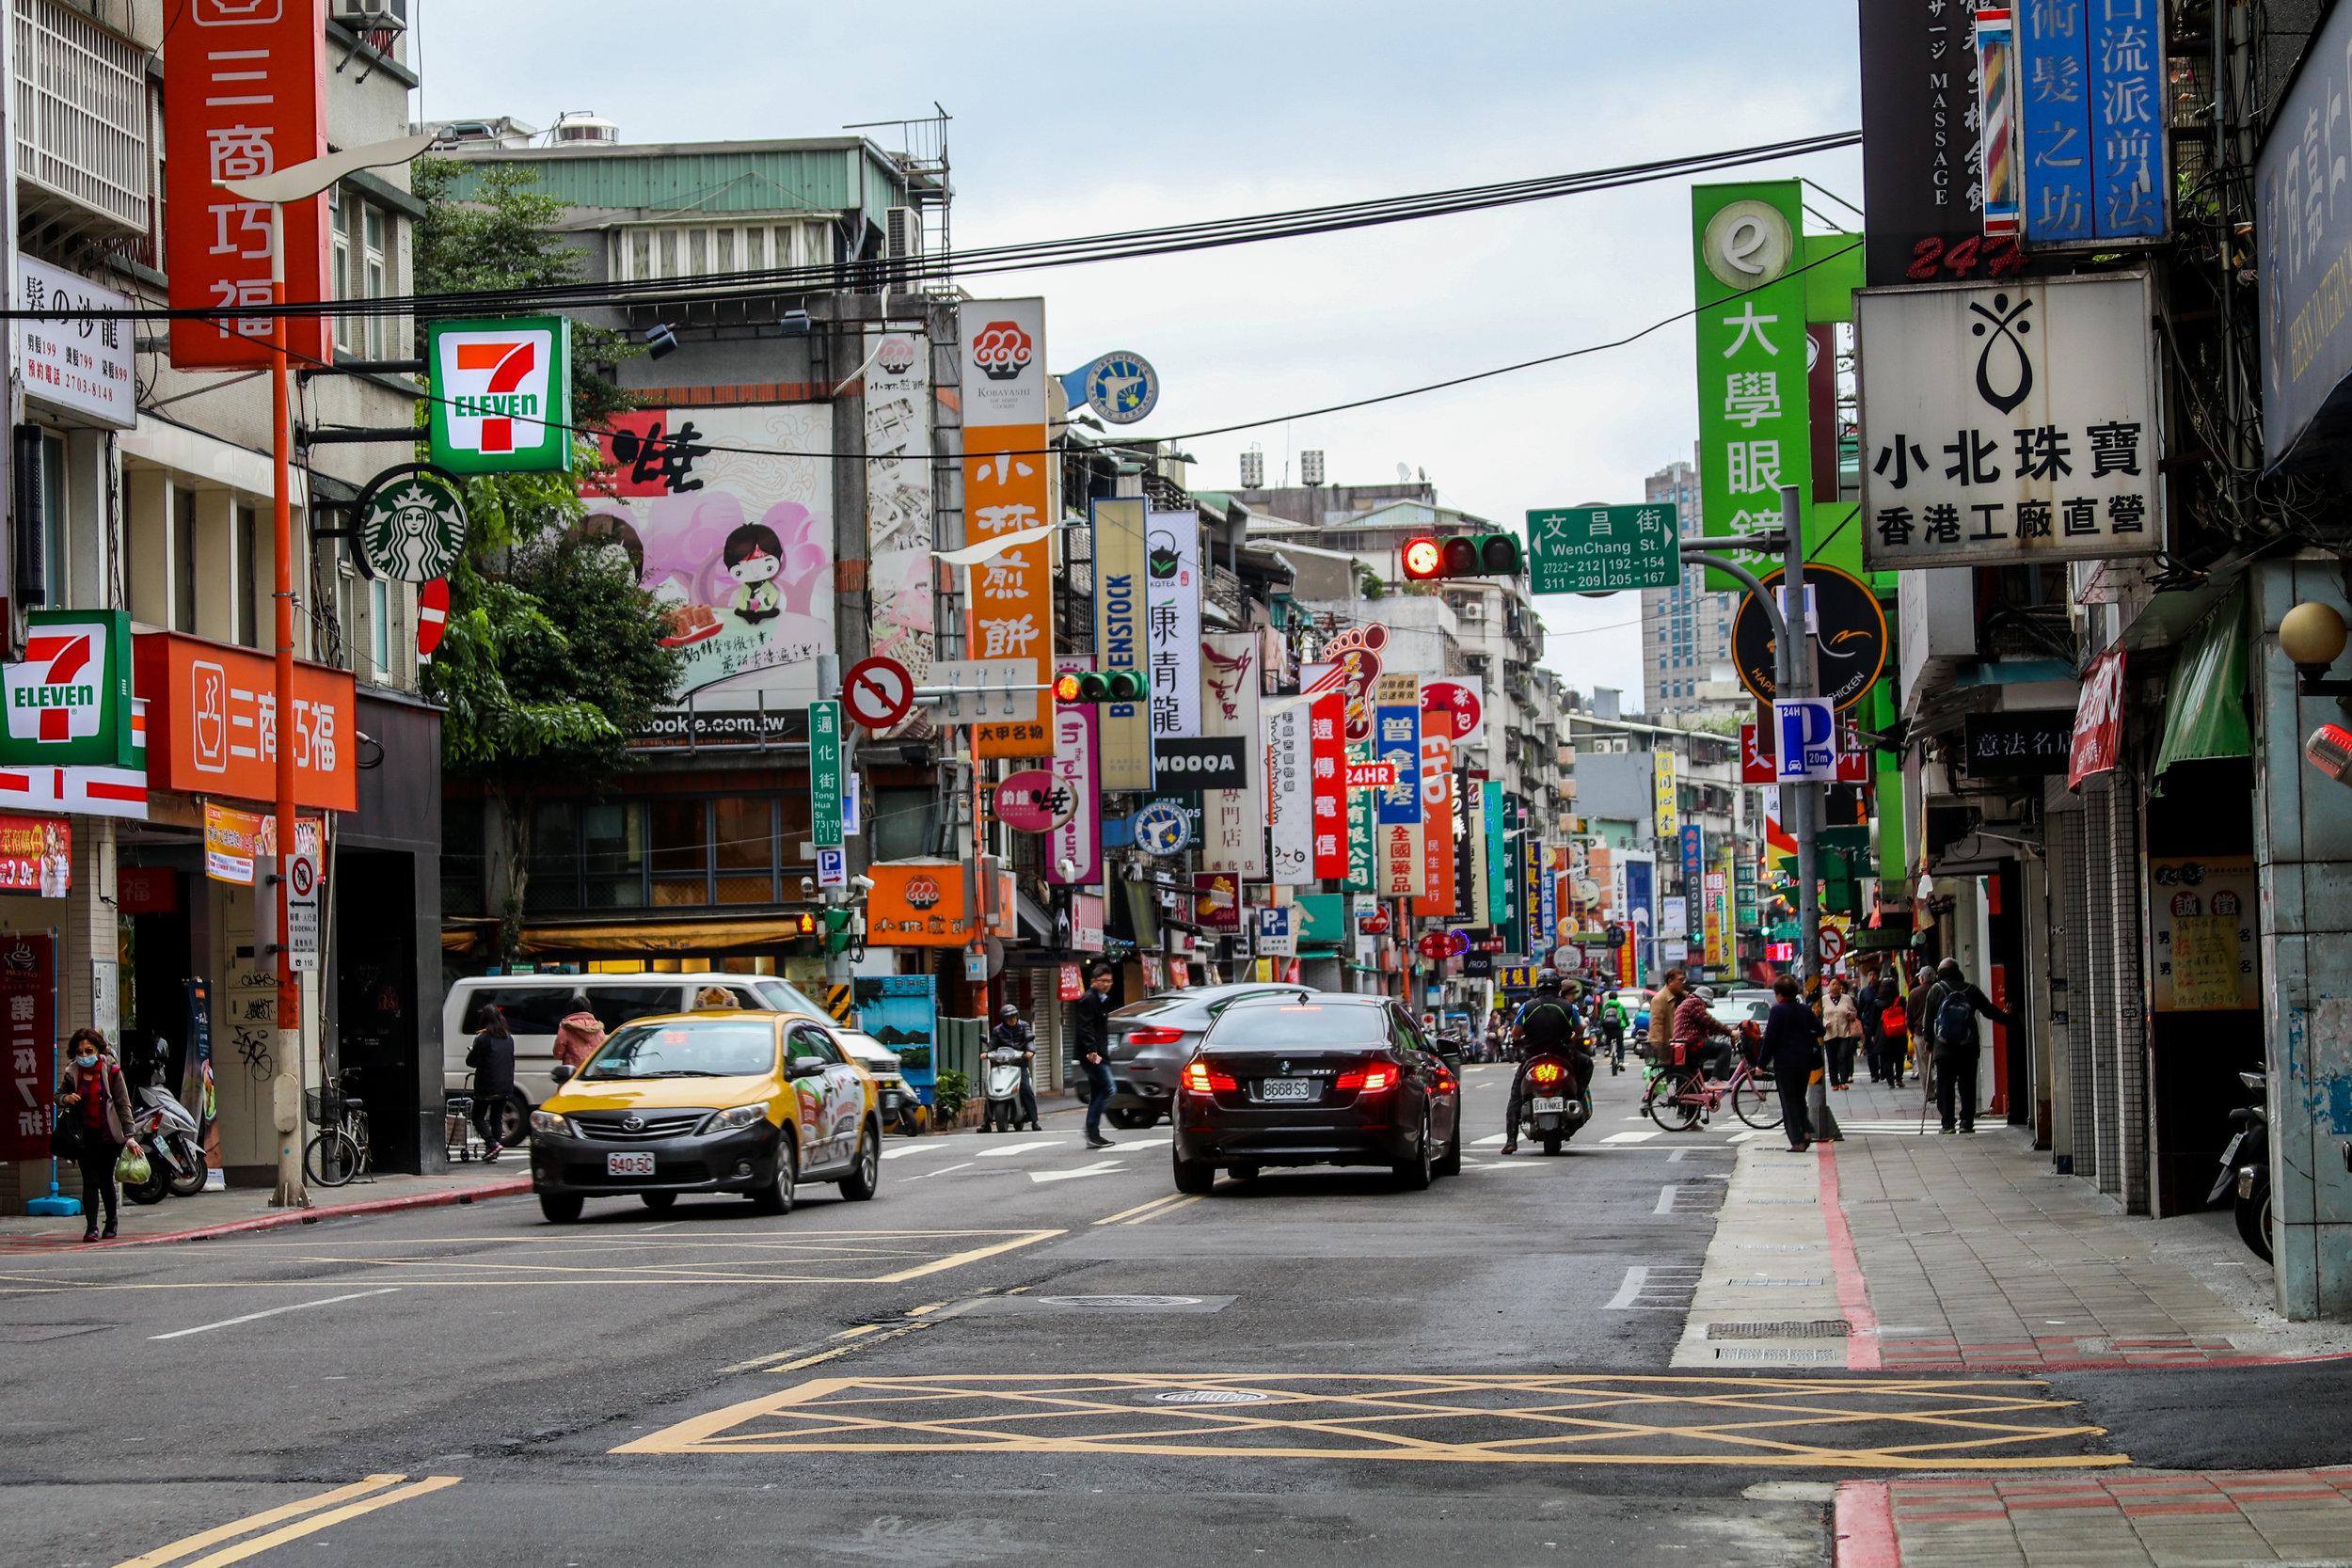 1.15.17 Taipei-5.jpg